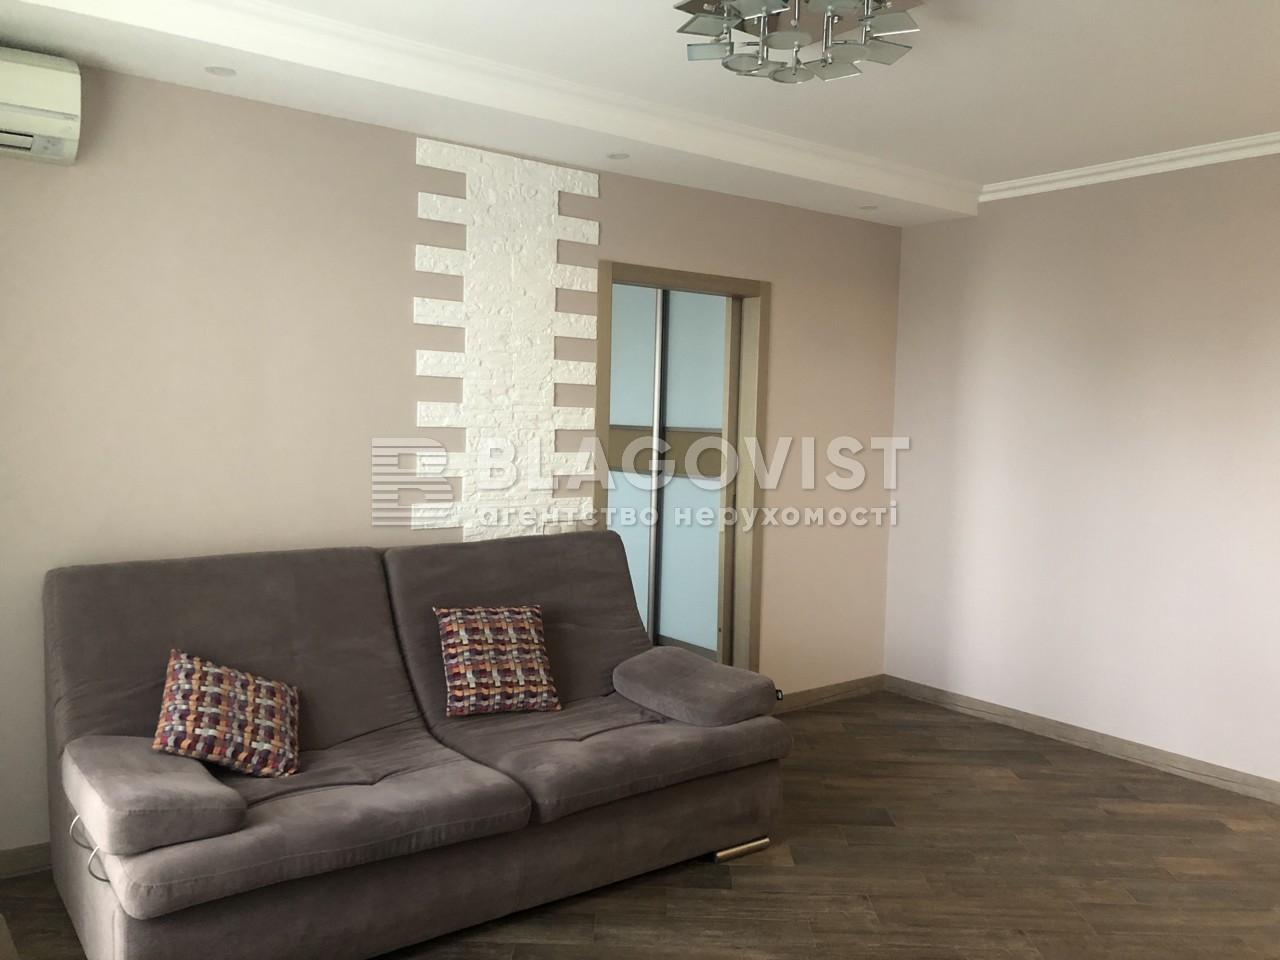 Квартира R-3234, Лаврская, 4, Киев - Фото 1